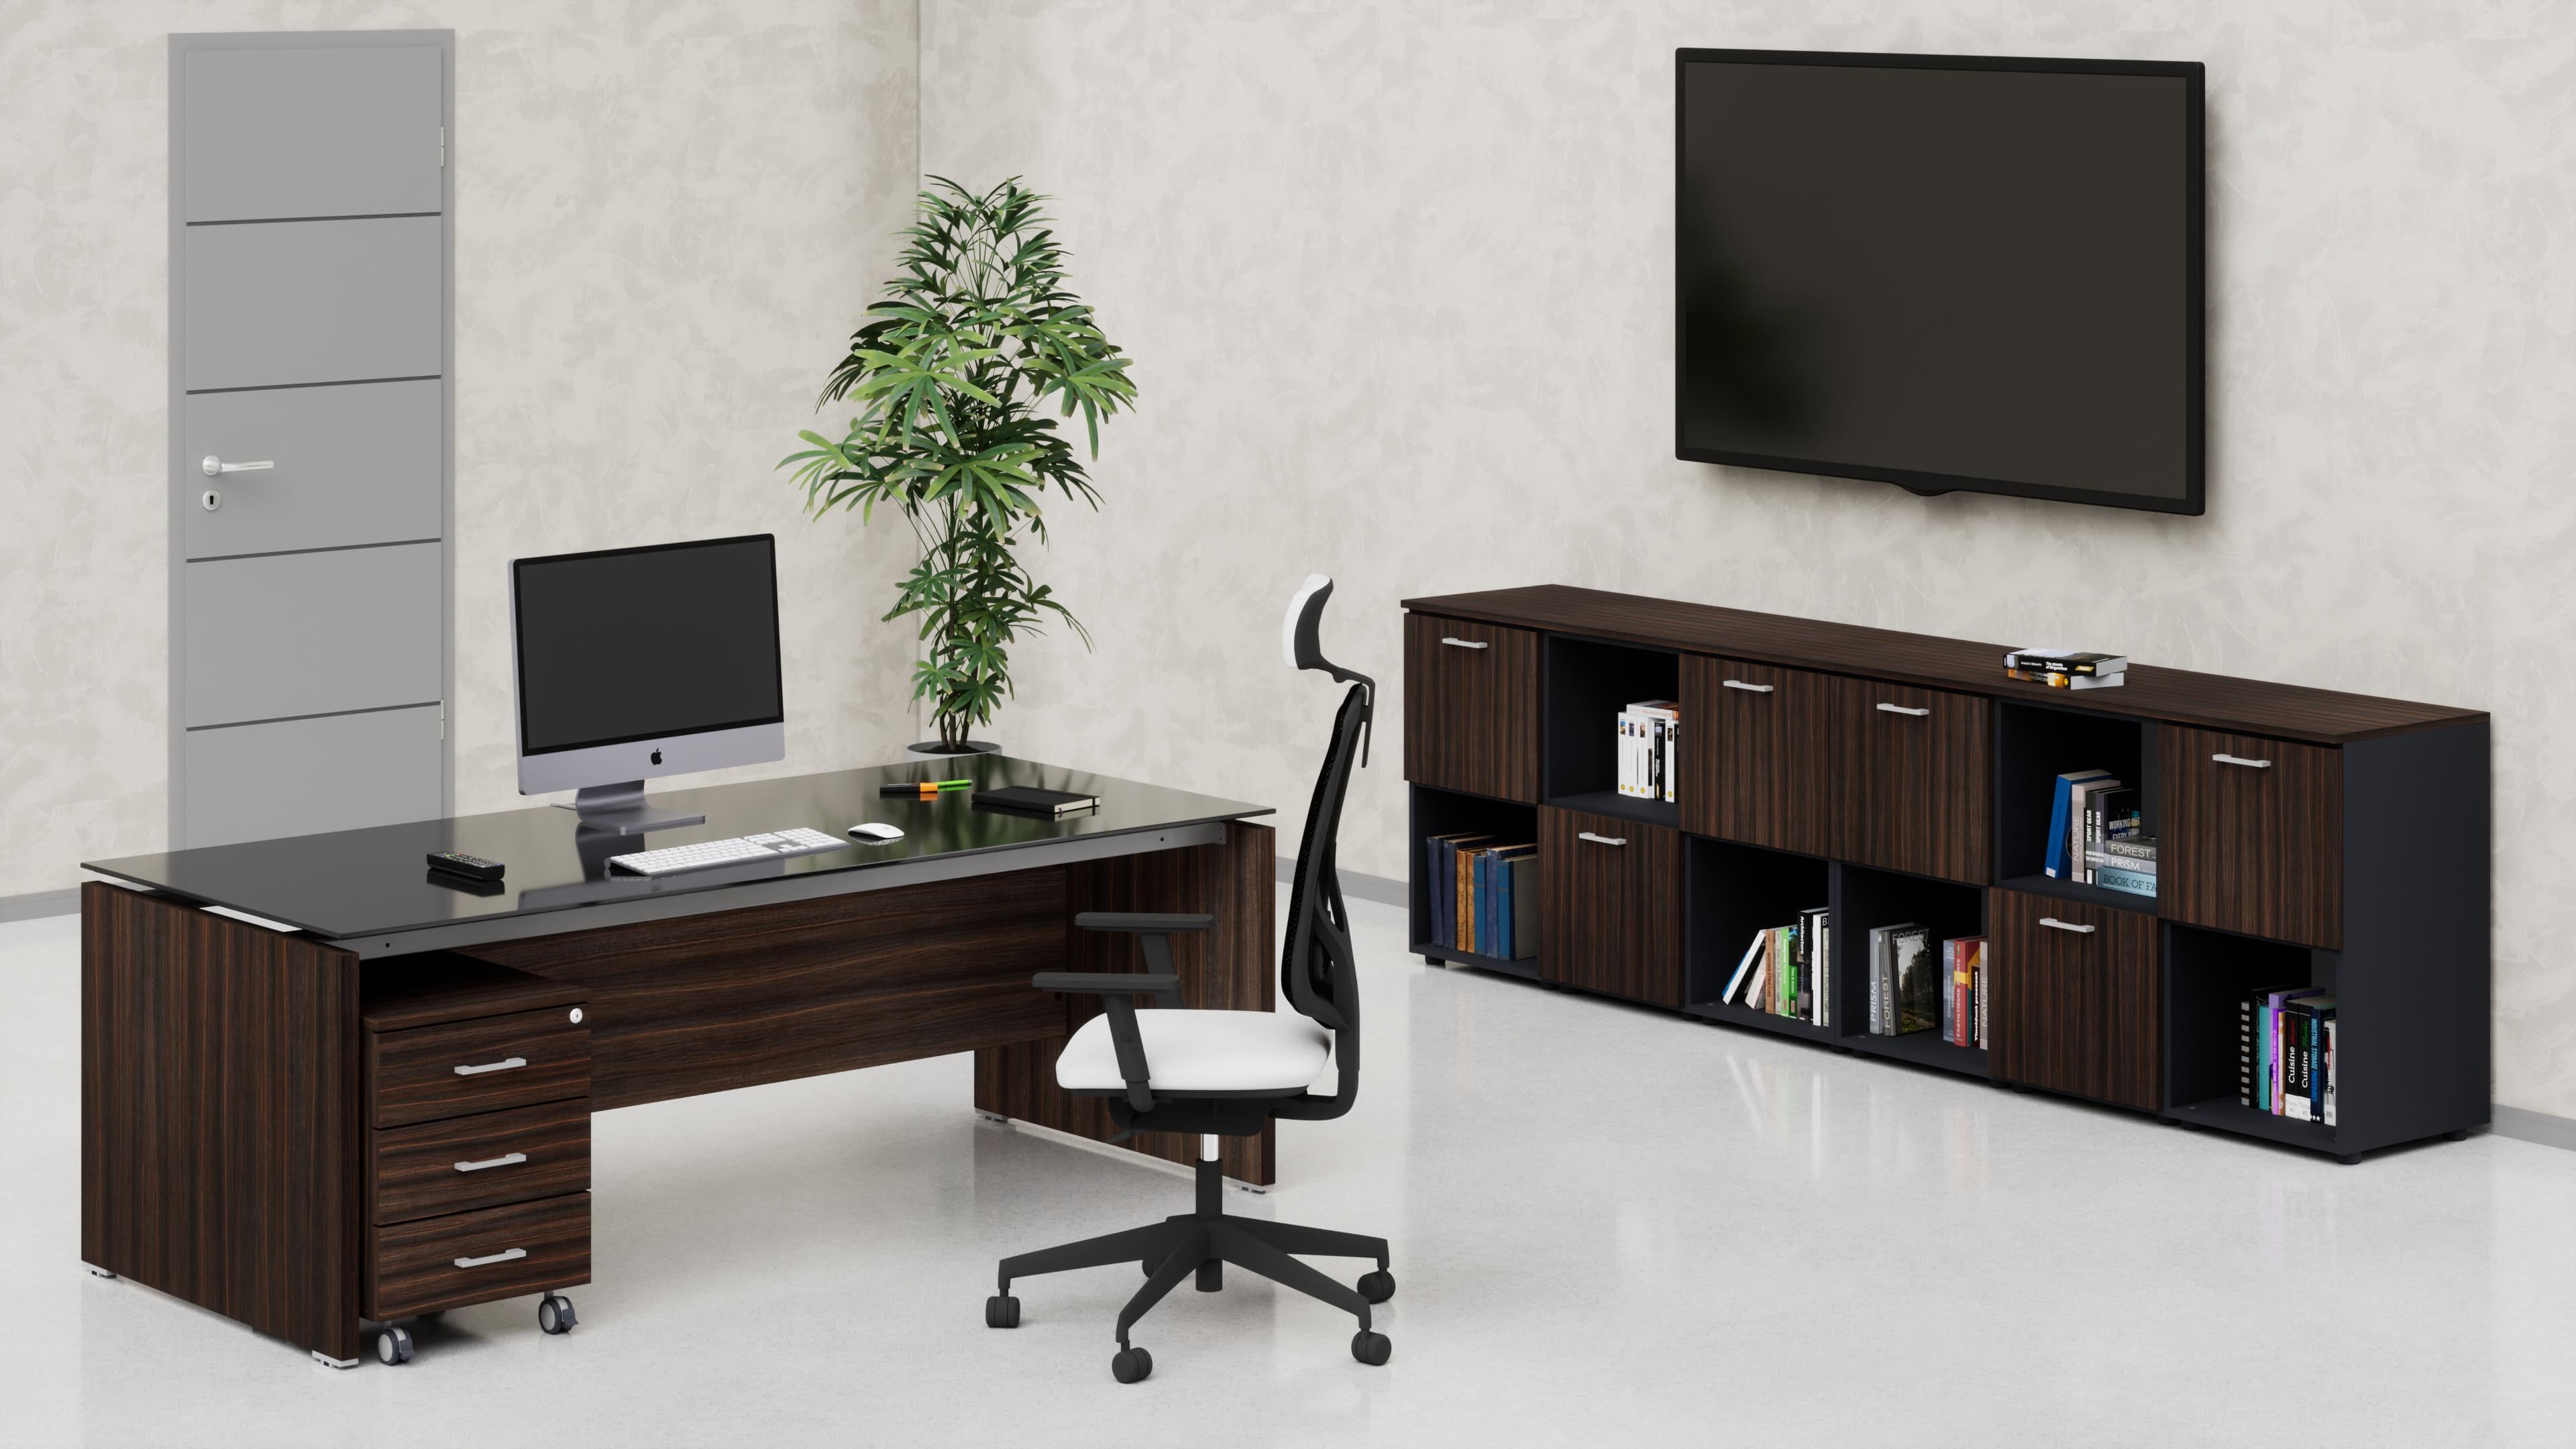 Uffici direzionali BETA scrivania piano vetro, cassettiera e contenitori universali bassi